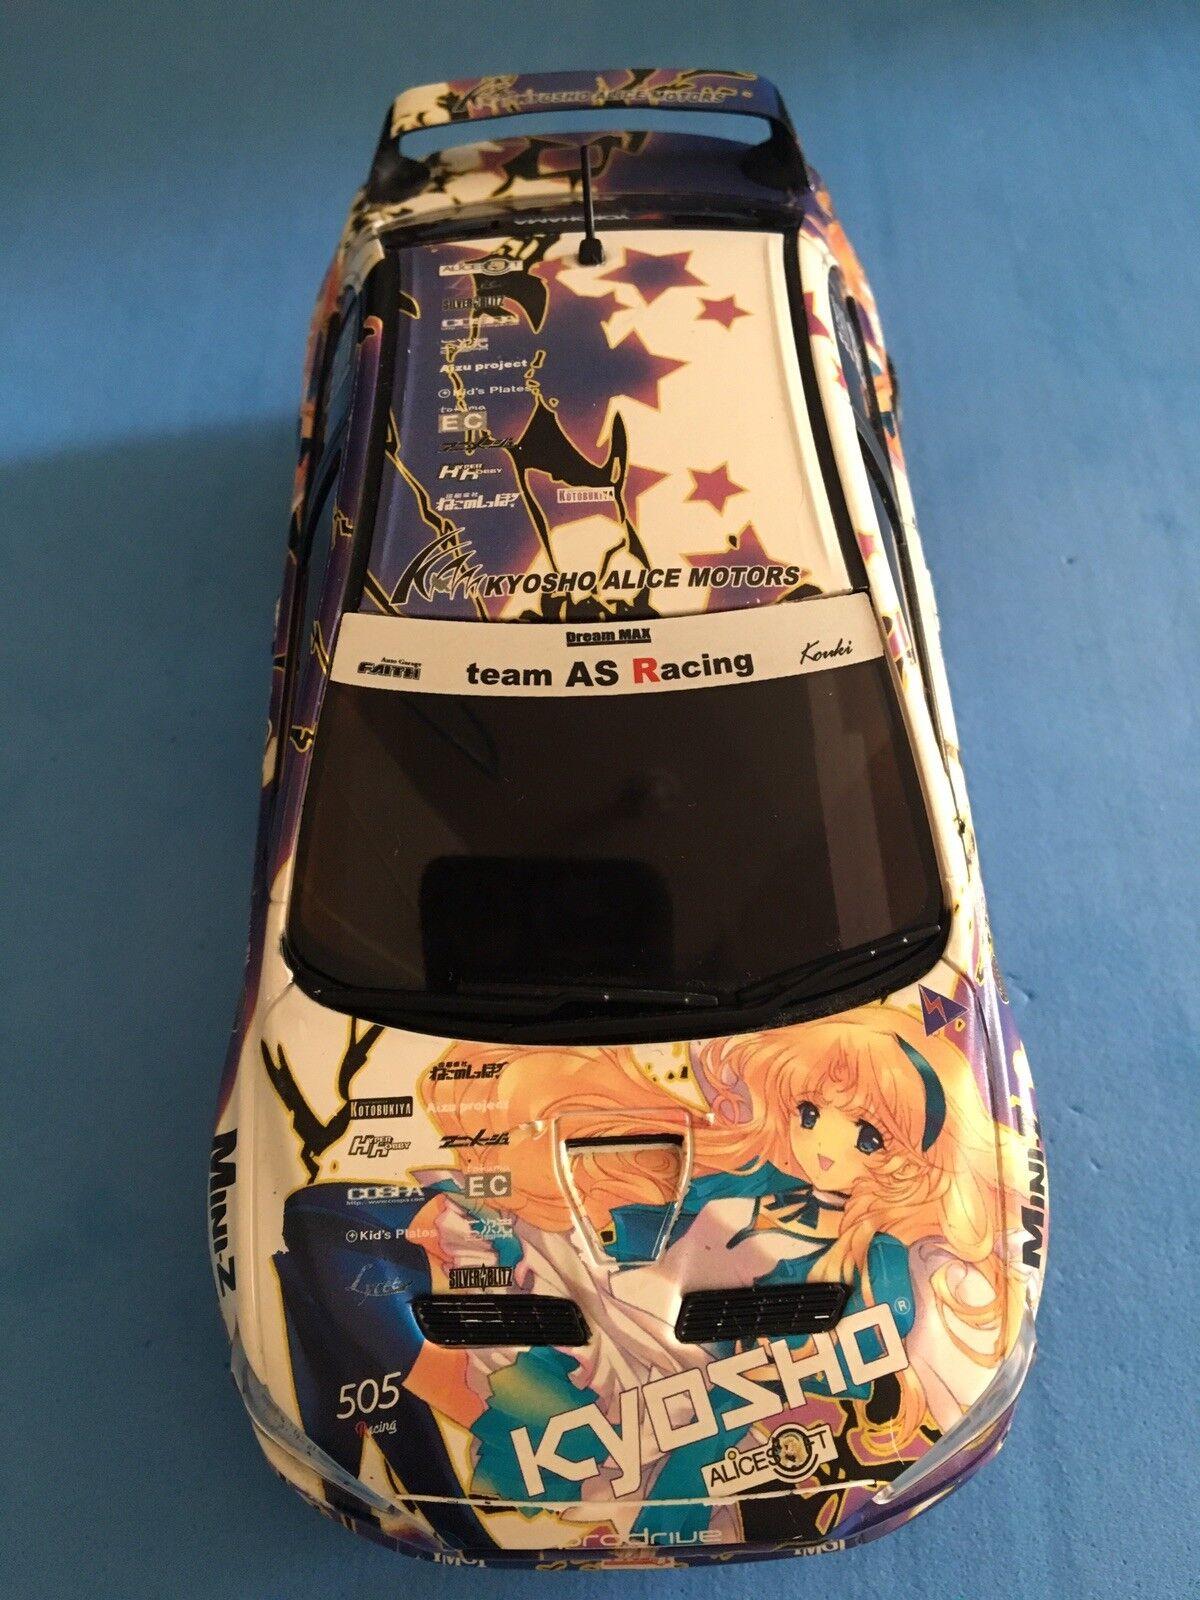 Kyosho Mini-Z Mitsubishi Lancer Evo X ASC Body Kyosho Alice Motors 1 of 2,000pcs